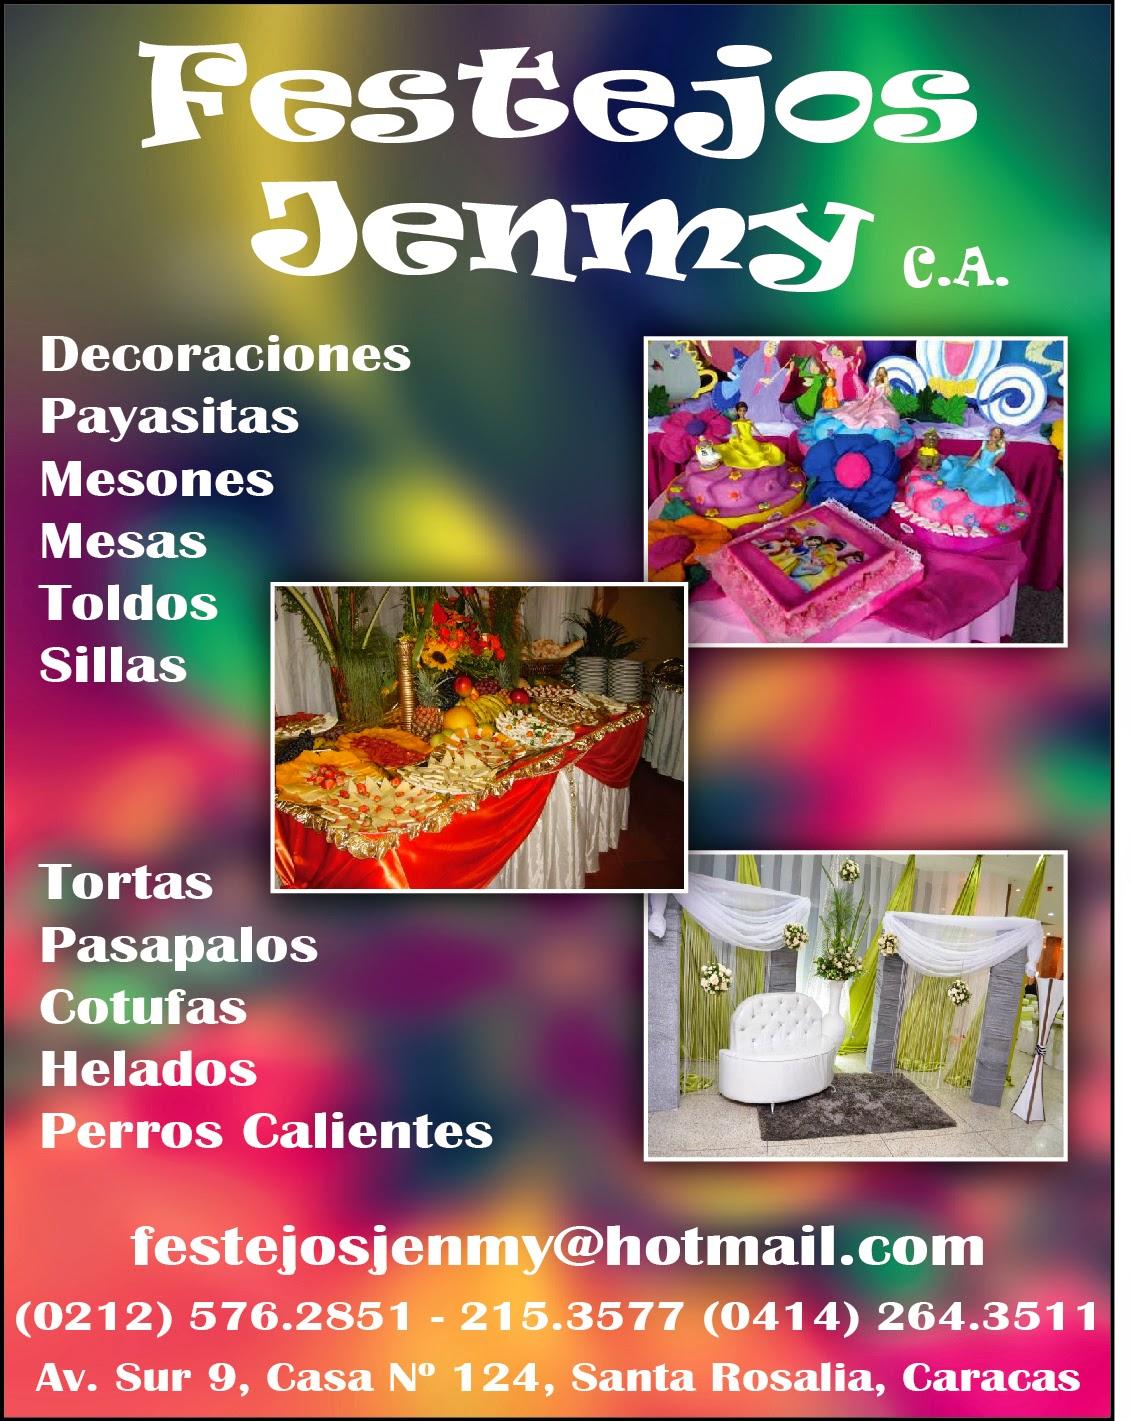 FESTEJOS JENMY C.A. en Paginas Amarillas tu guia Comercial